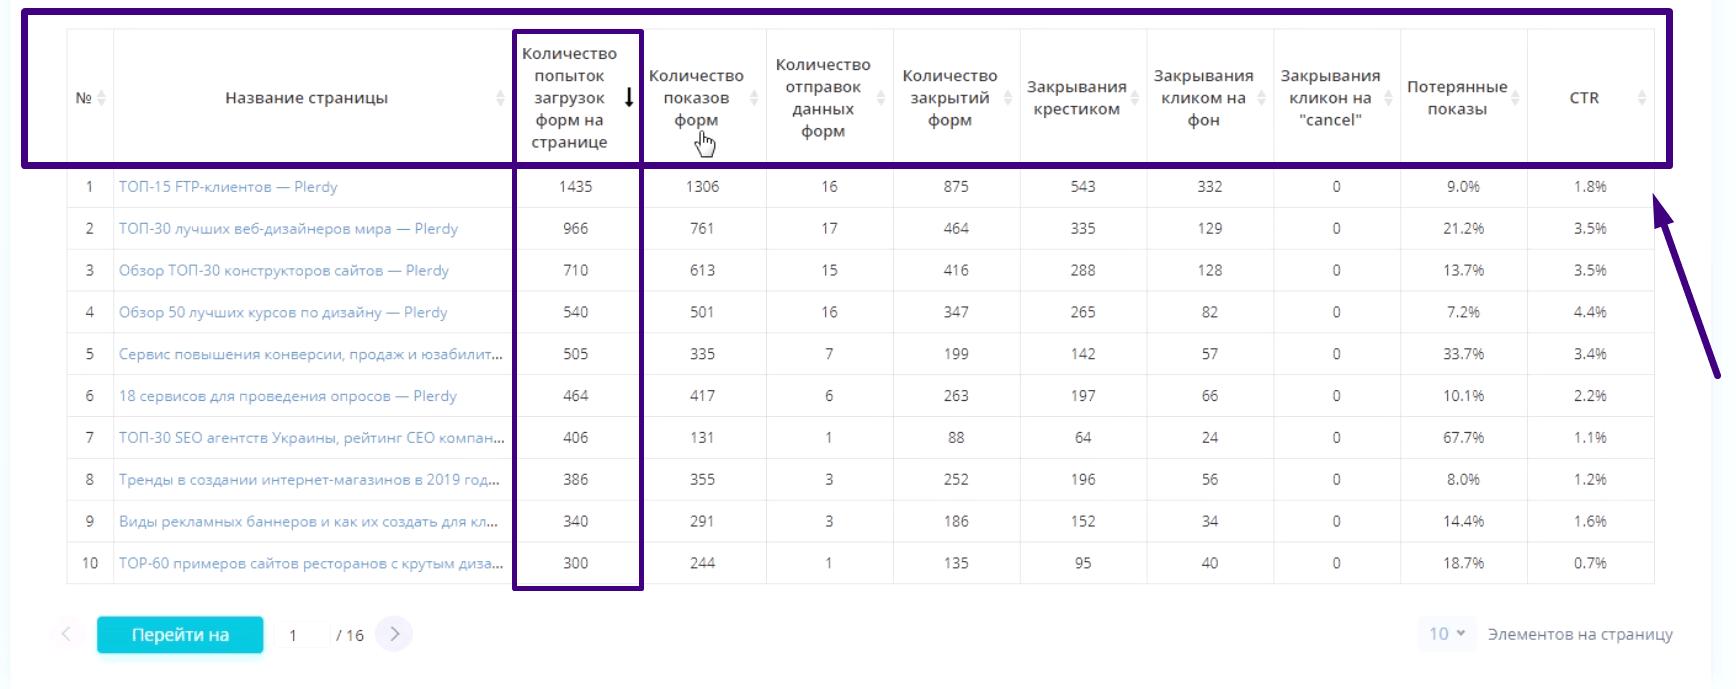 статистика показов умных поп-ап форм Plerdy 5